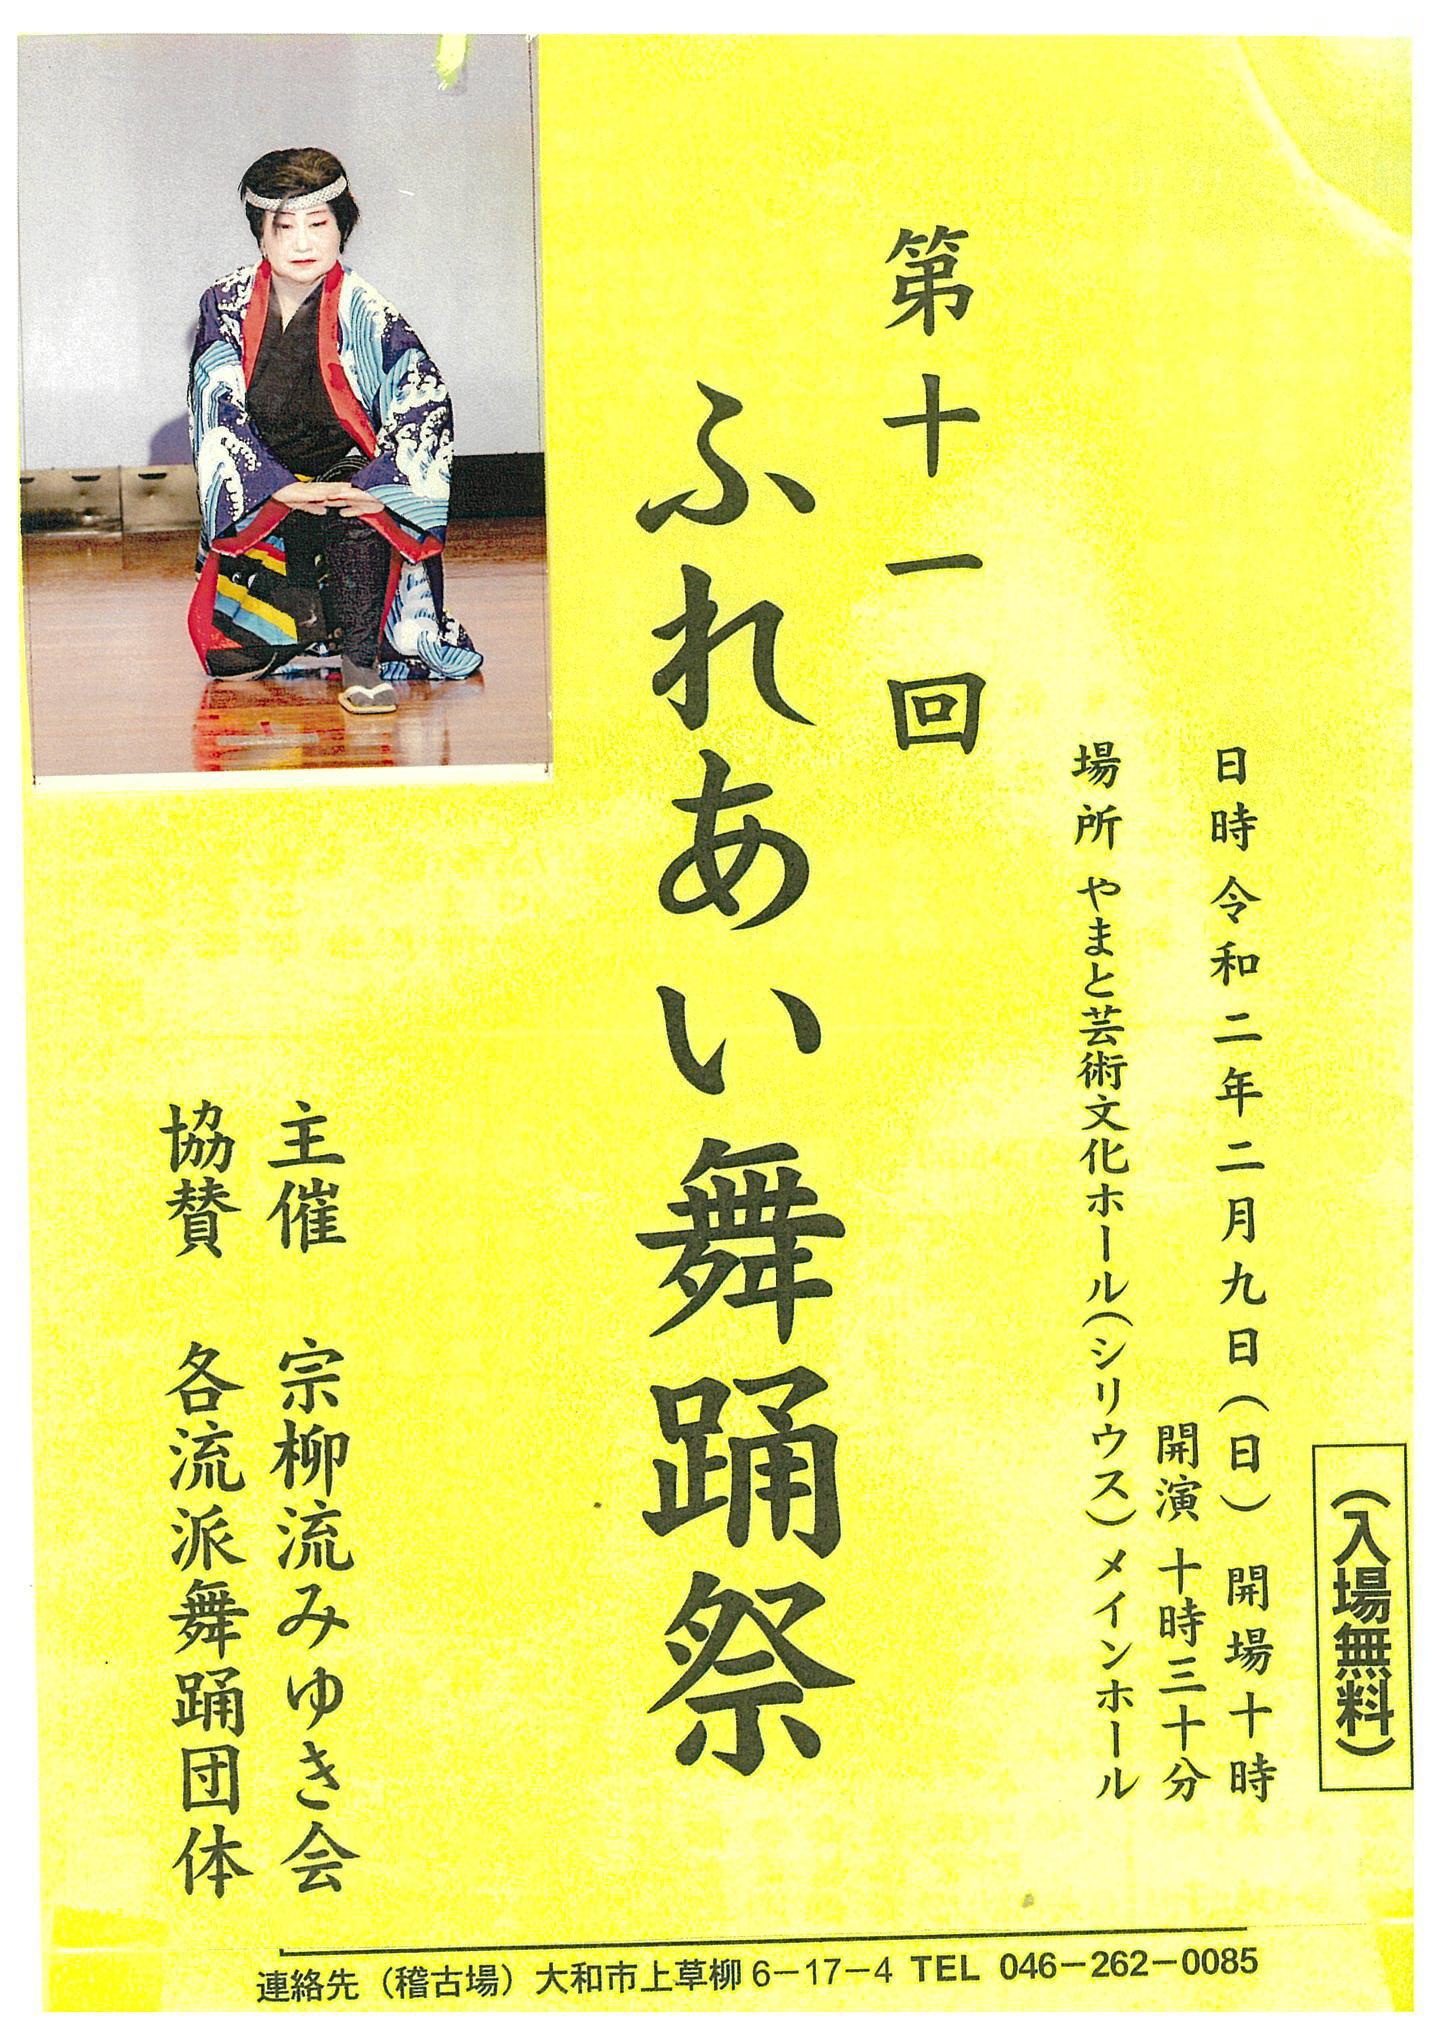 第11回 ふれあい舞踊祭